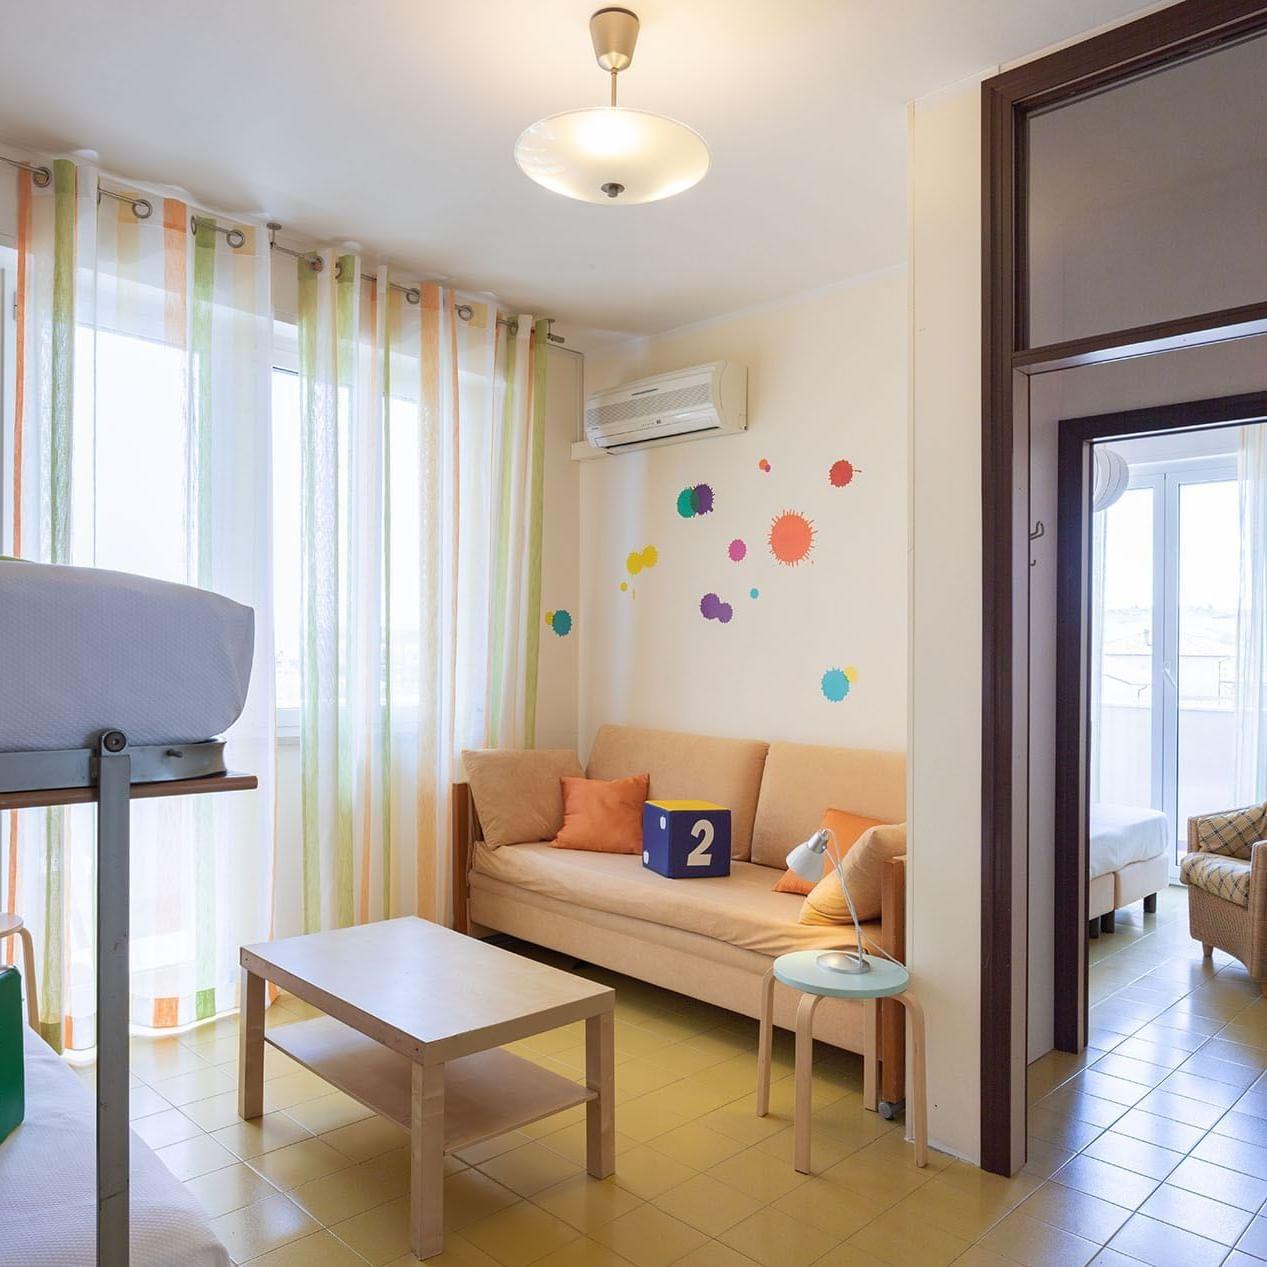 Conchiglia Family Room